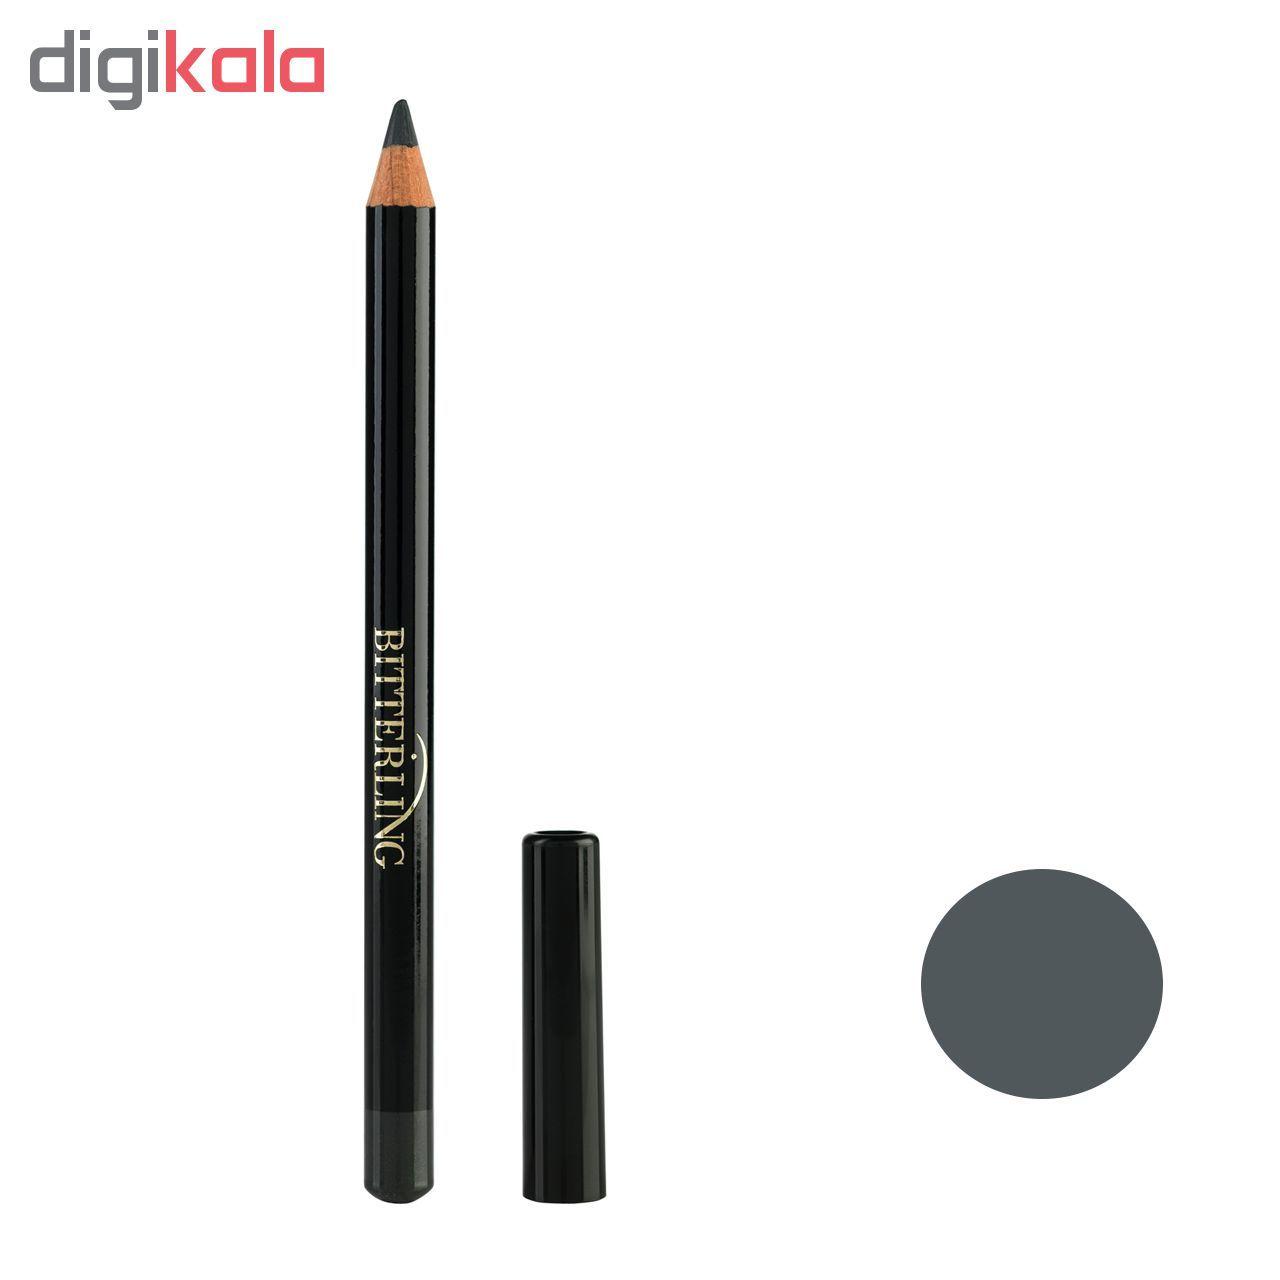 مداد چشم بیترلینگ شماره W204 main 1 1